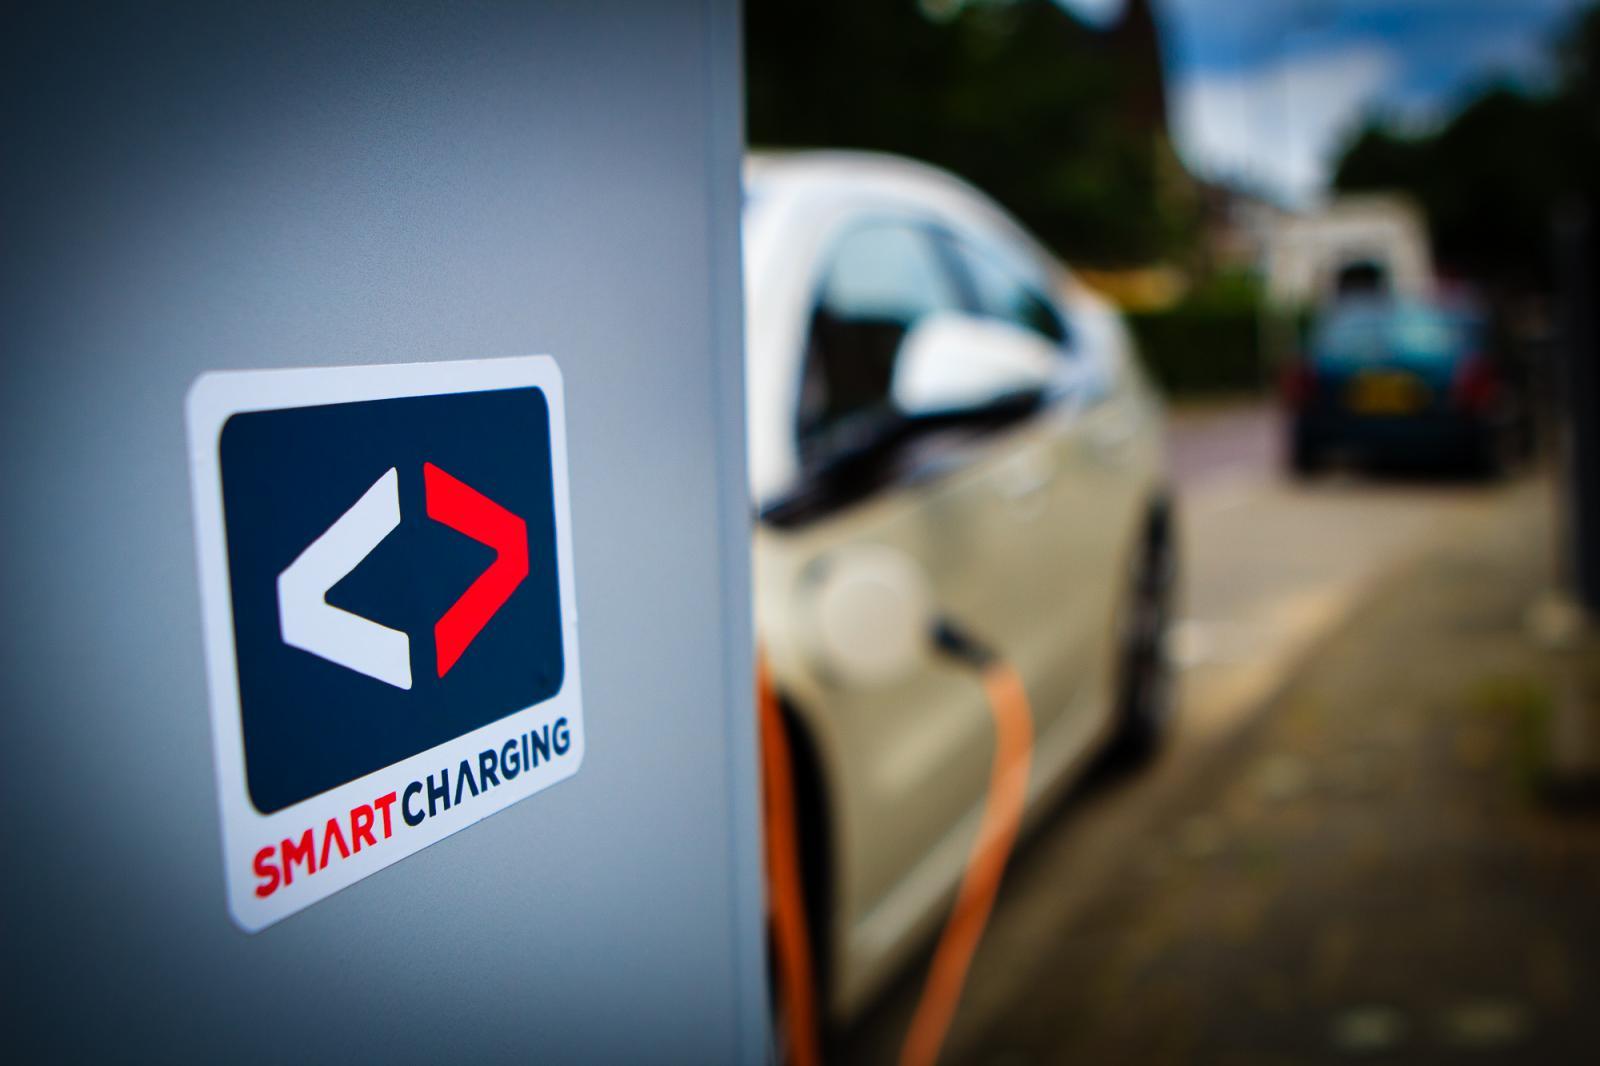 Smart Charging oplaadstation voor elektrische auto's